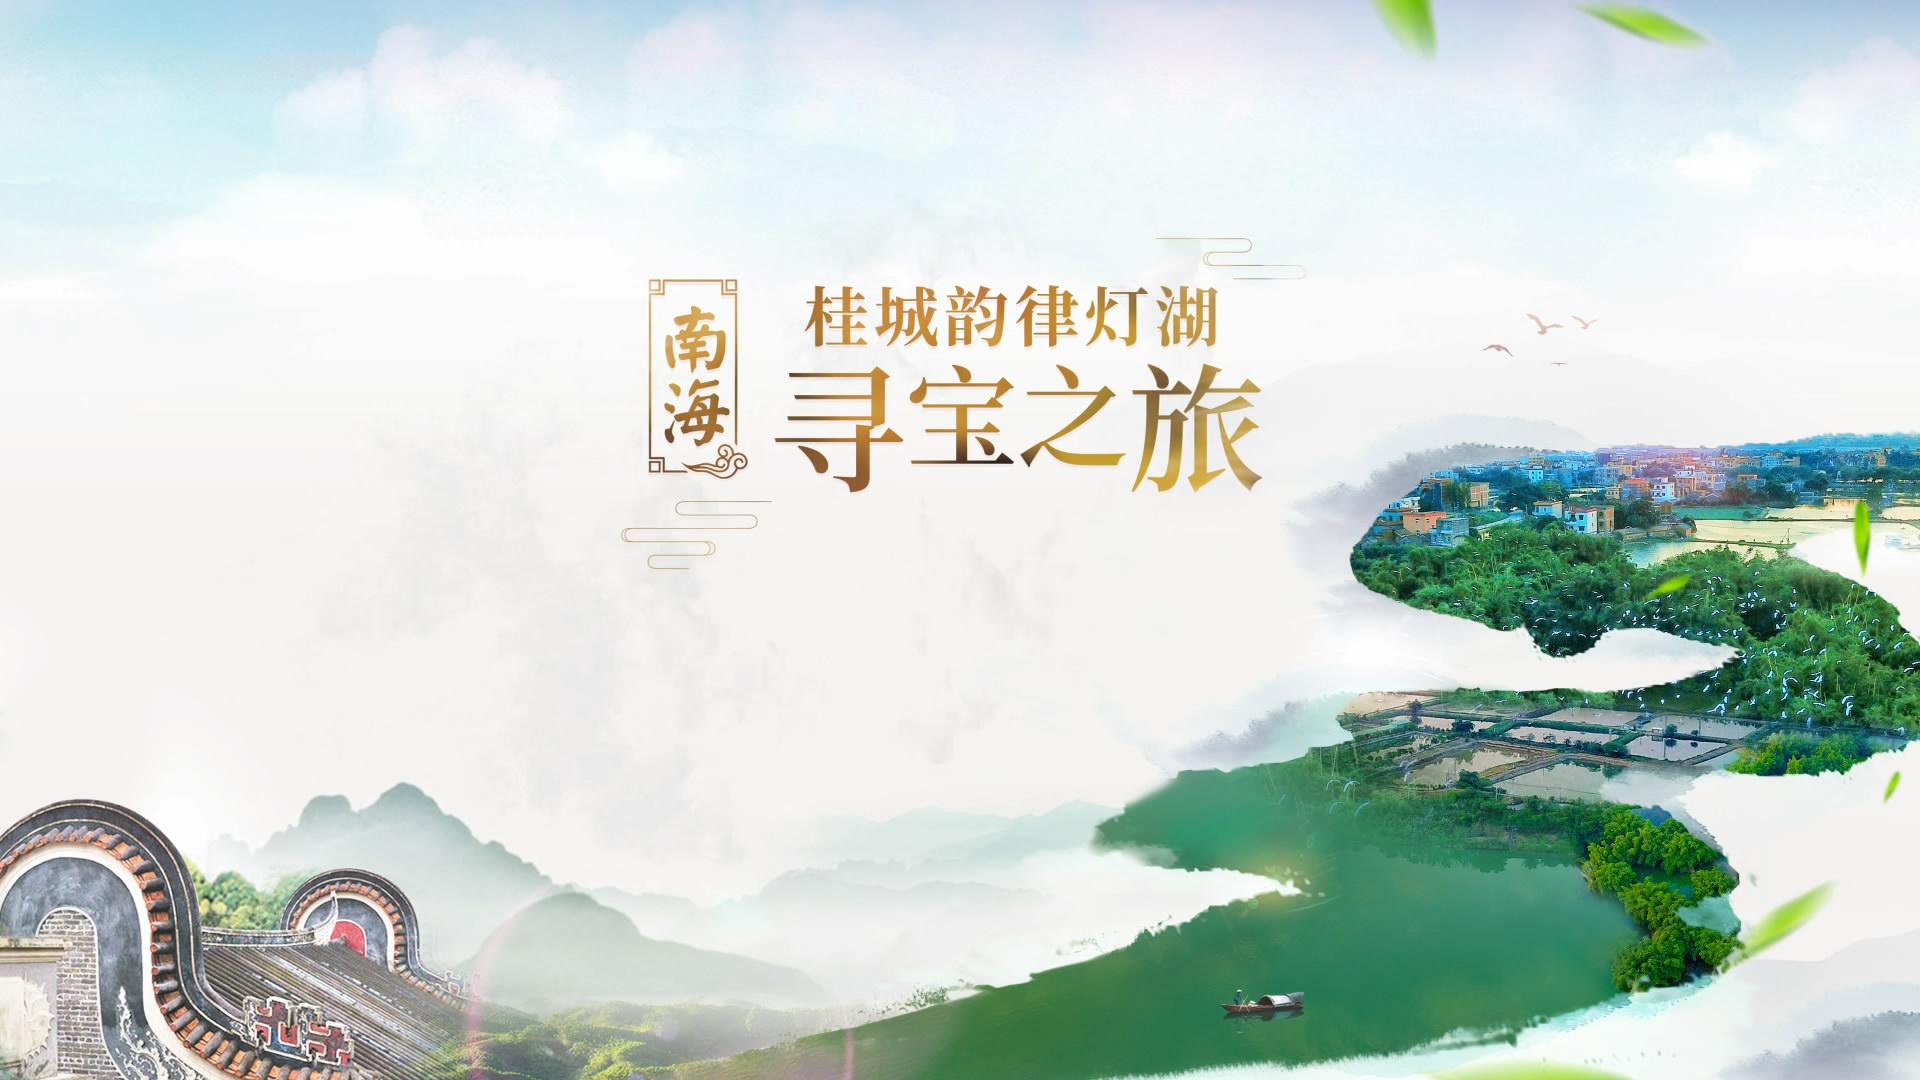 韵律灯湖之旅[00_00_03][20190306-154410-0].JPG